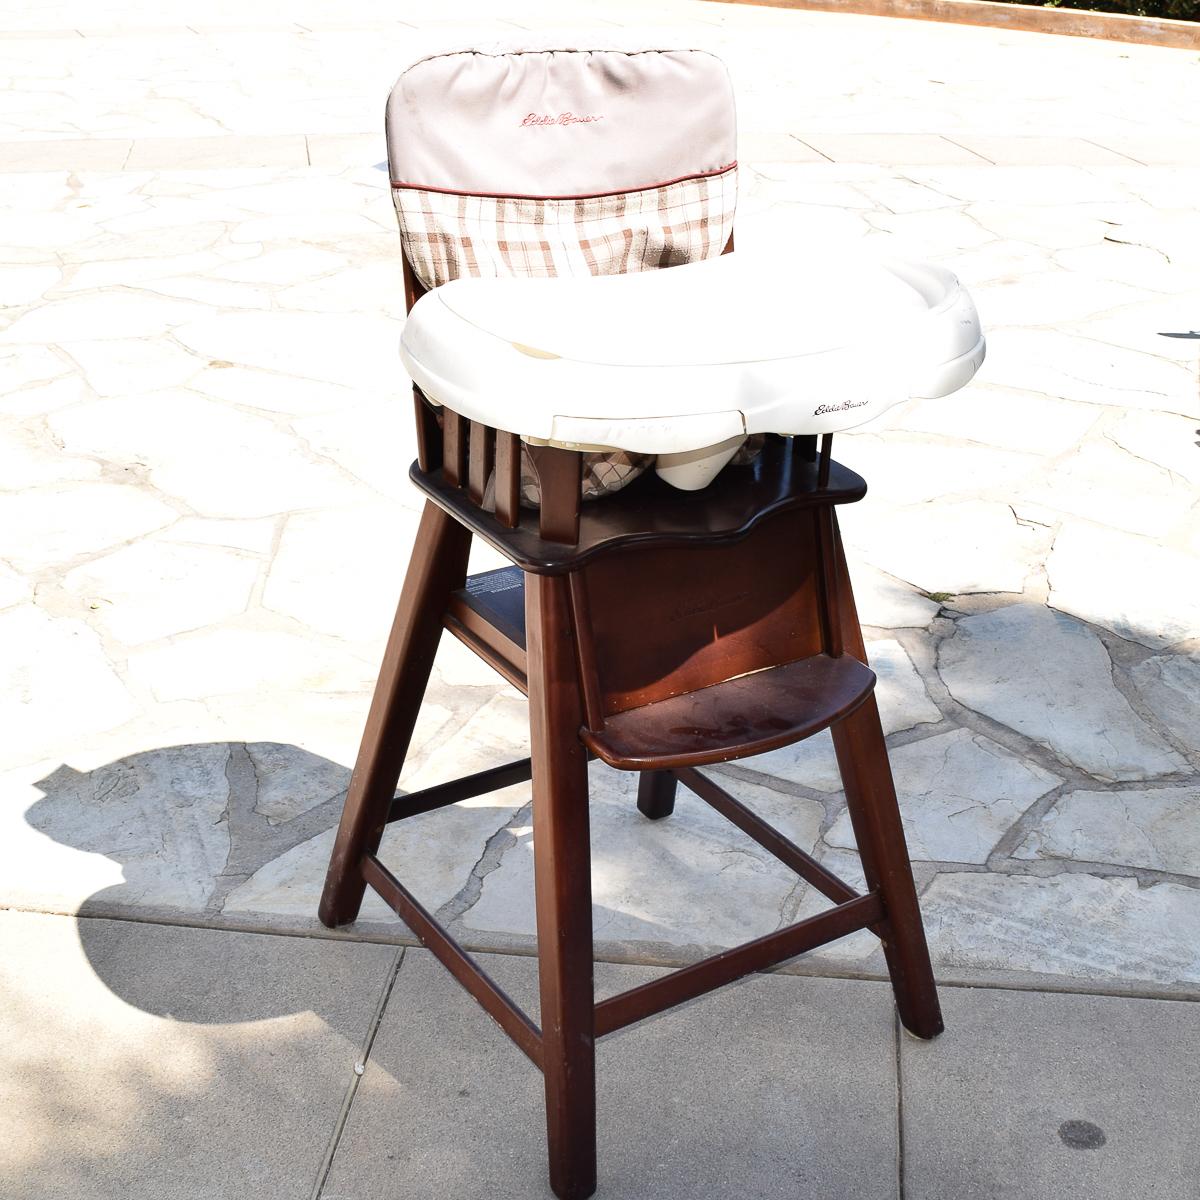 eddie bauer wood high chair black chairs target wooden ebth